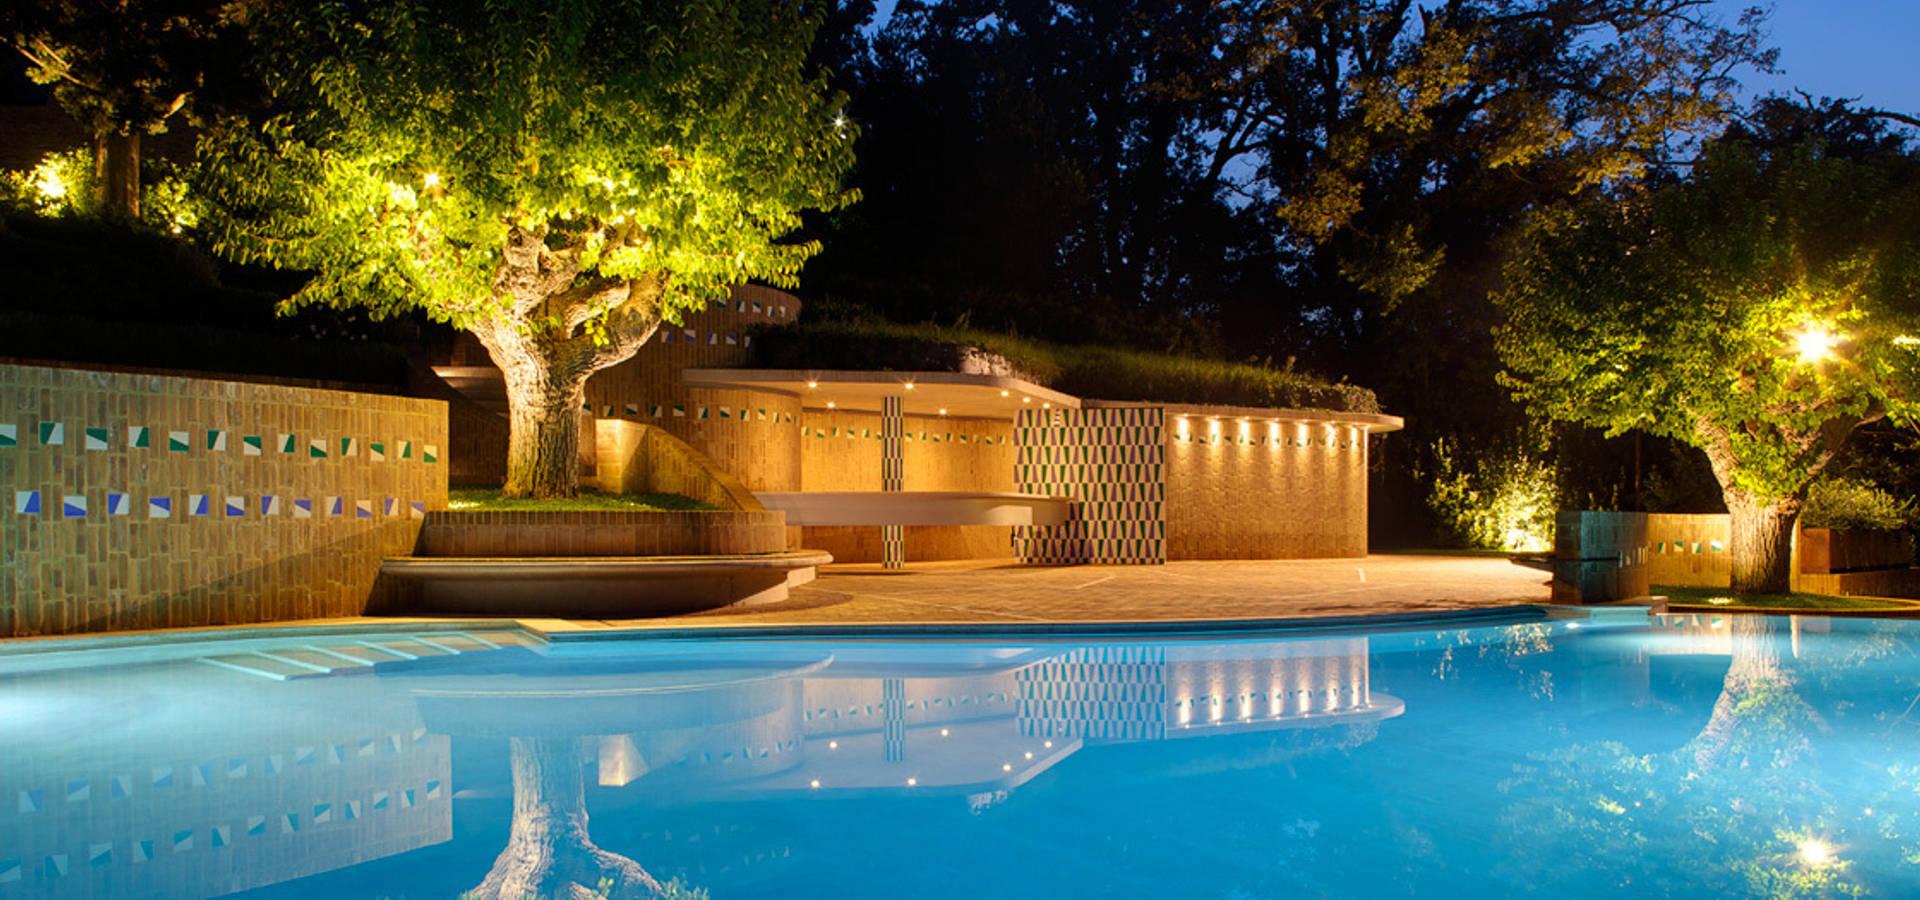 Cpiua ceccarelli associati la piscina del castello di for Piani del padiglione della piscina